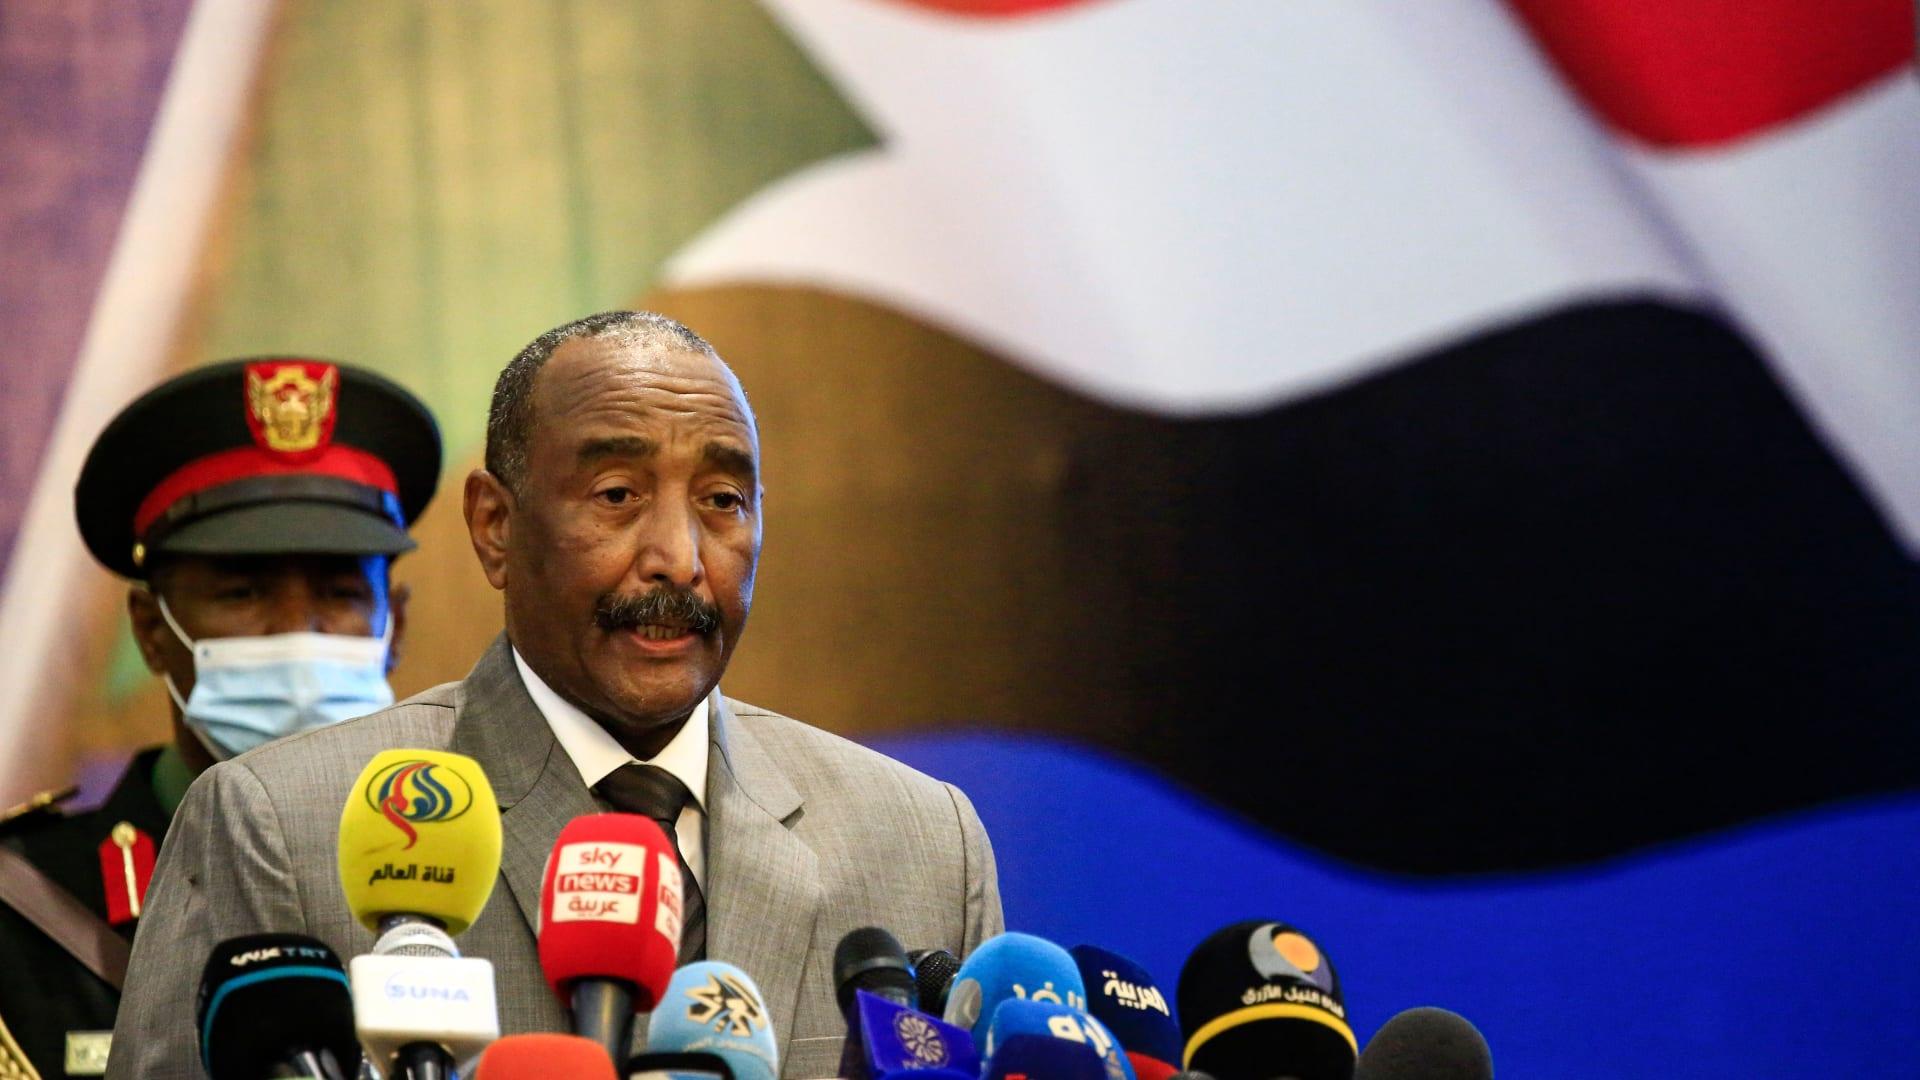 """""""لا عودة للحرب أبدًا"""".. توقيع اتفاق سلام تاريخي ينهي عقدين من النزاع في السودان"""